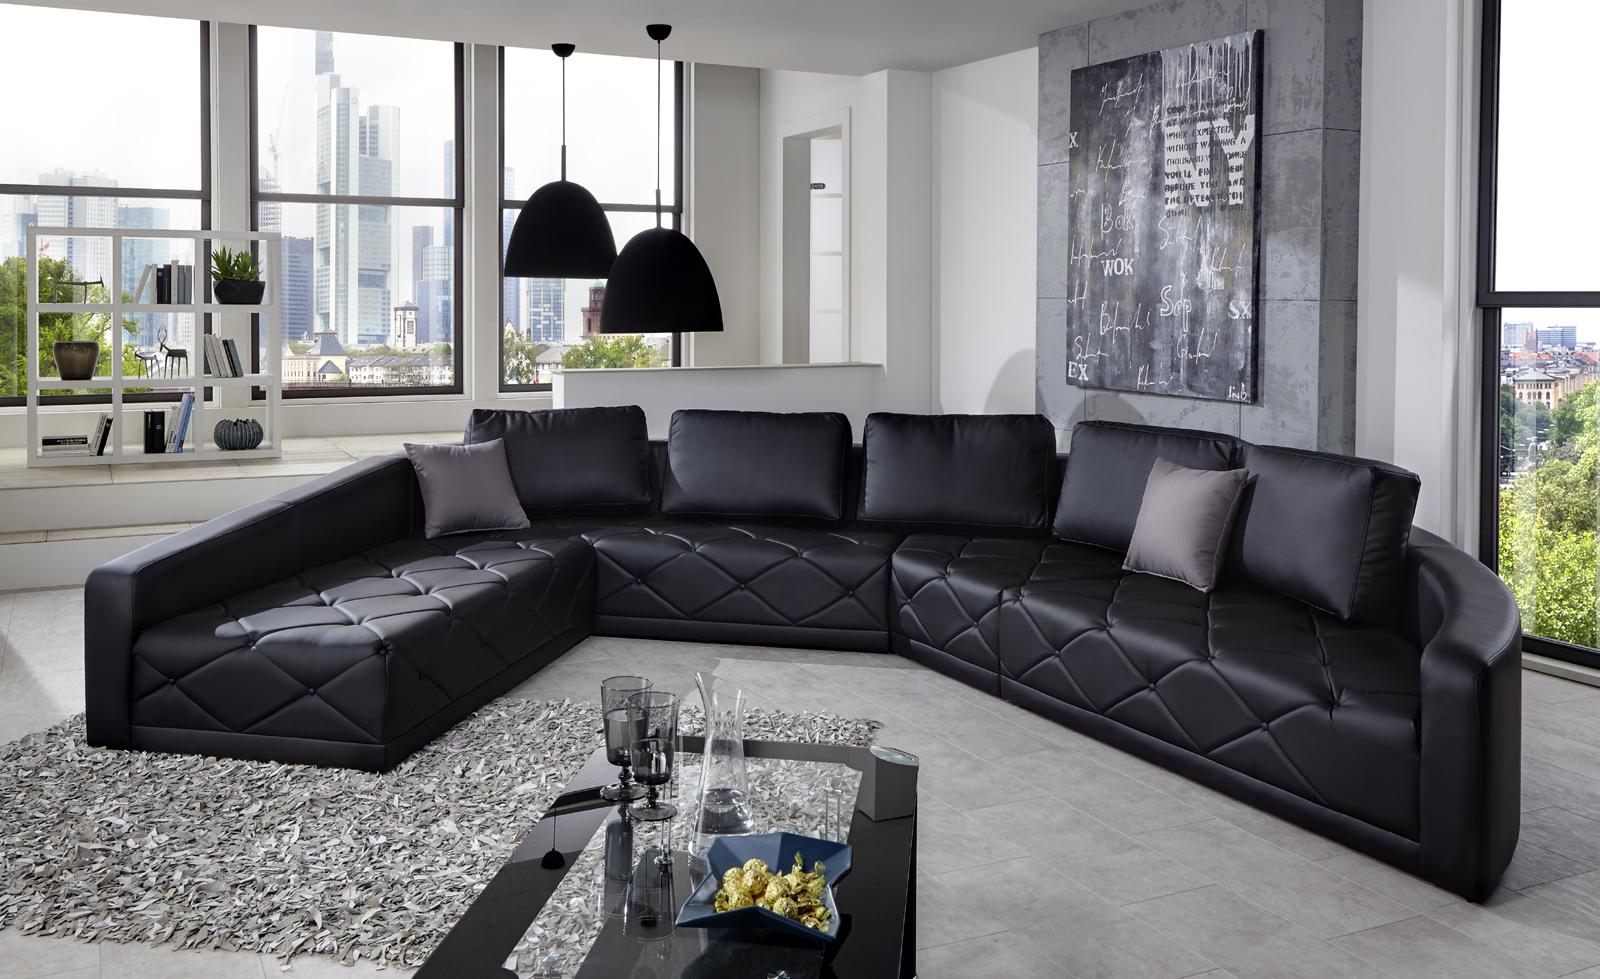 Sam sofa wohnlandschaft schwarz nero 290 x 380 cm for Sam wohnlandschaft